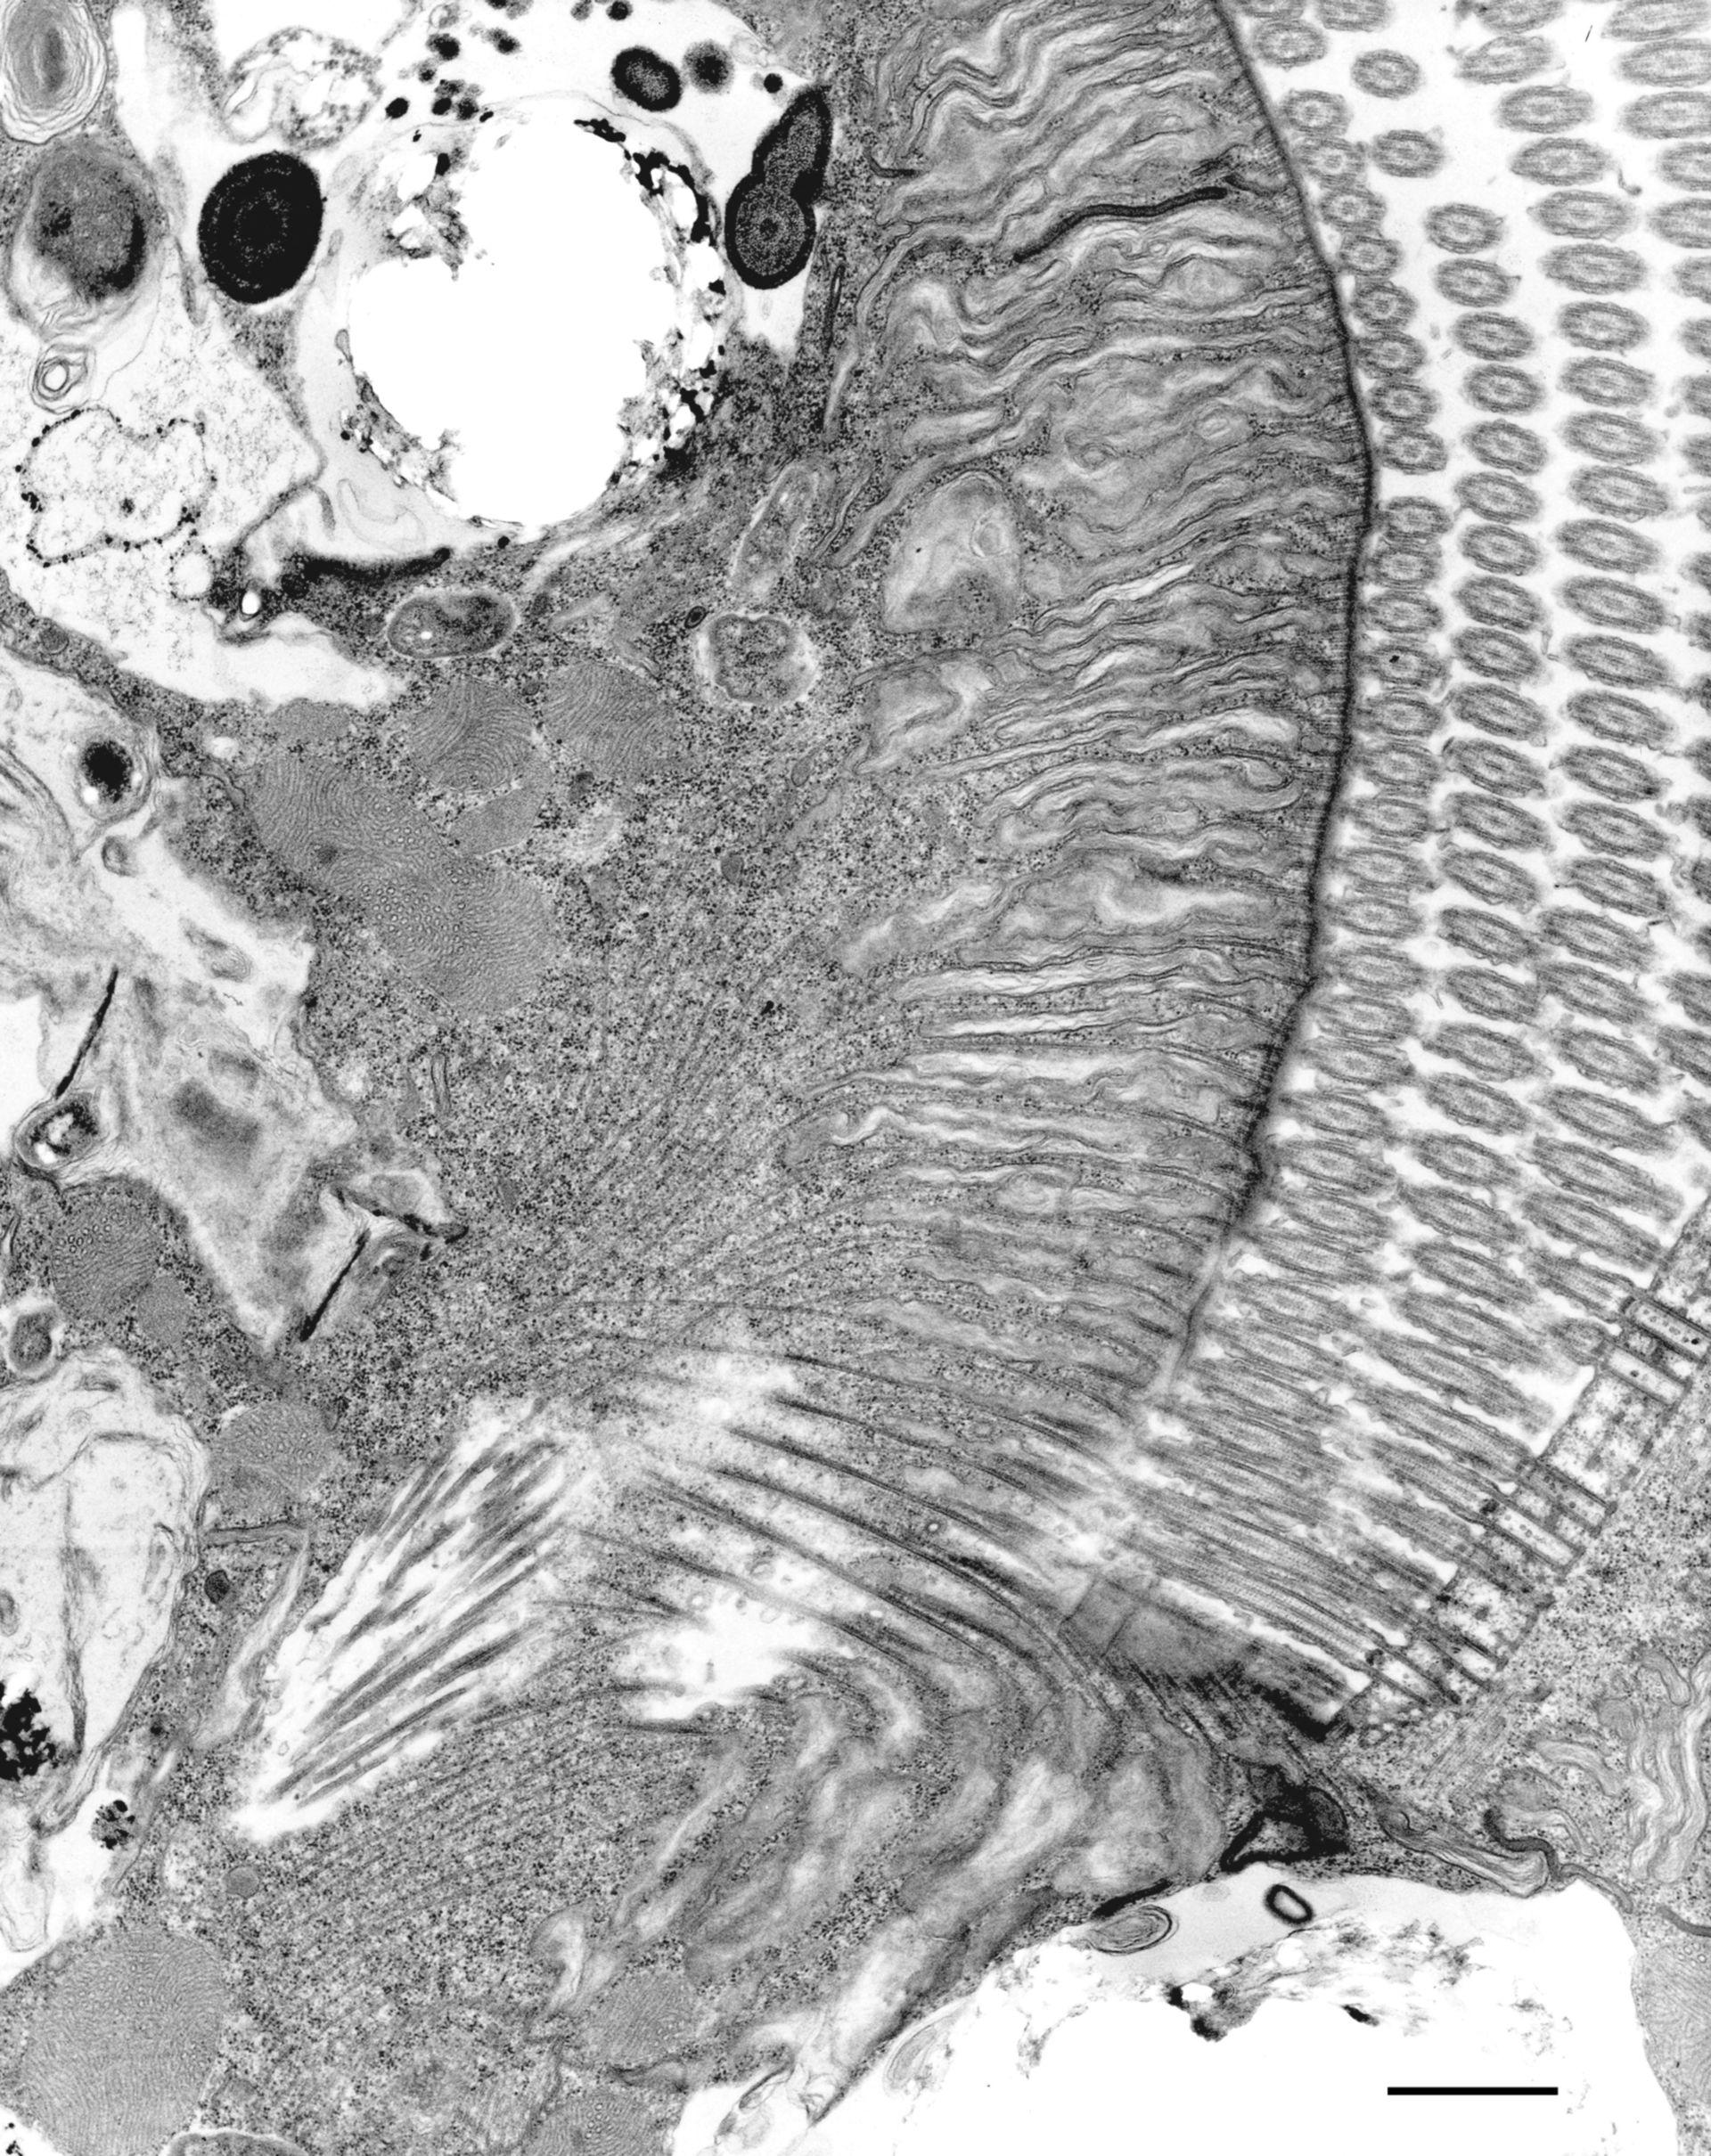 Euplotes sp. (Microfibrile) - CIL:12339